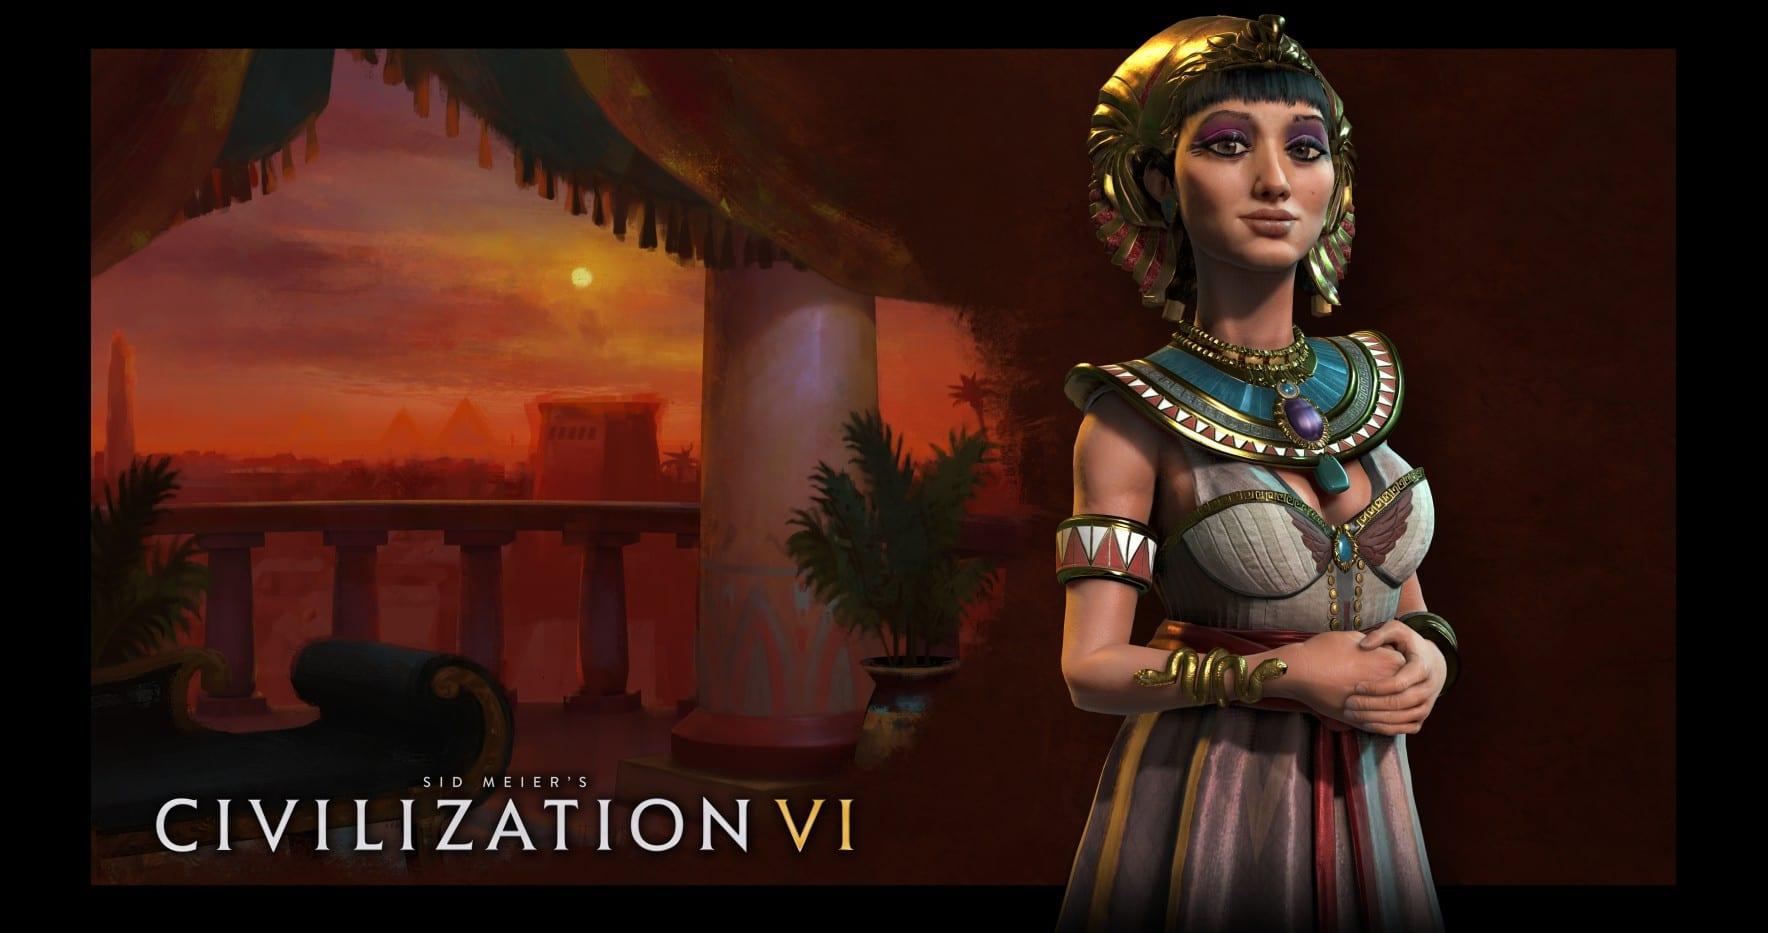 Bild von Kleopatra führt Ägypten in Civilization VI an